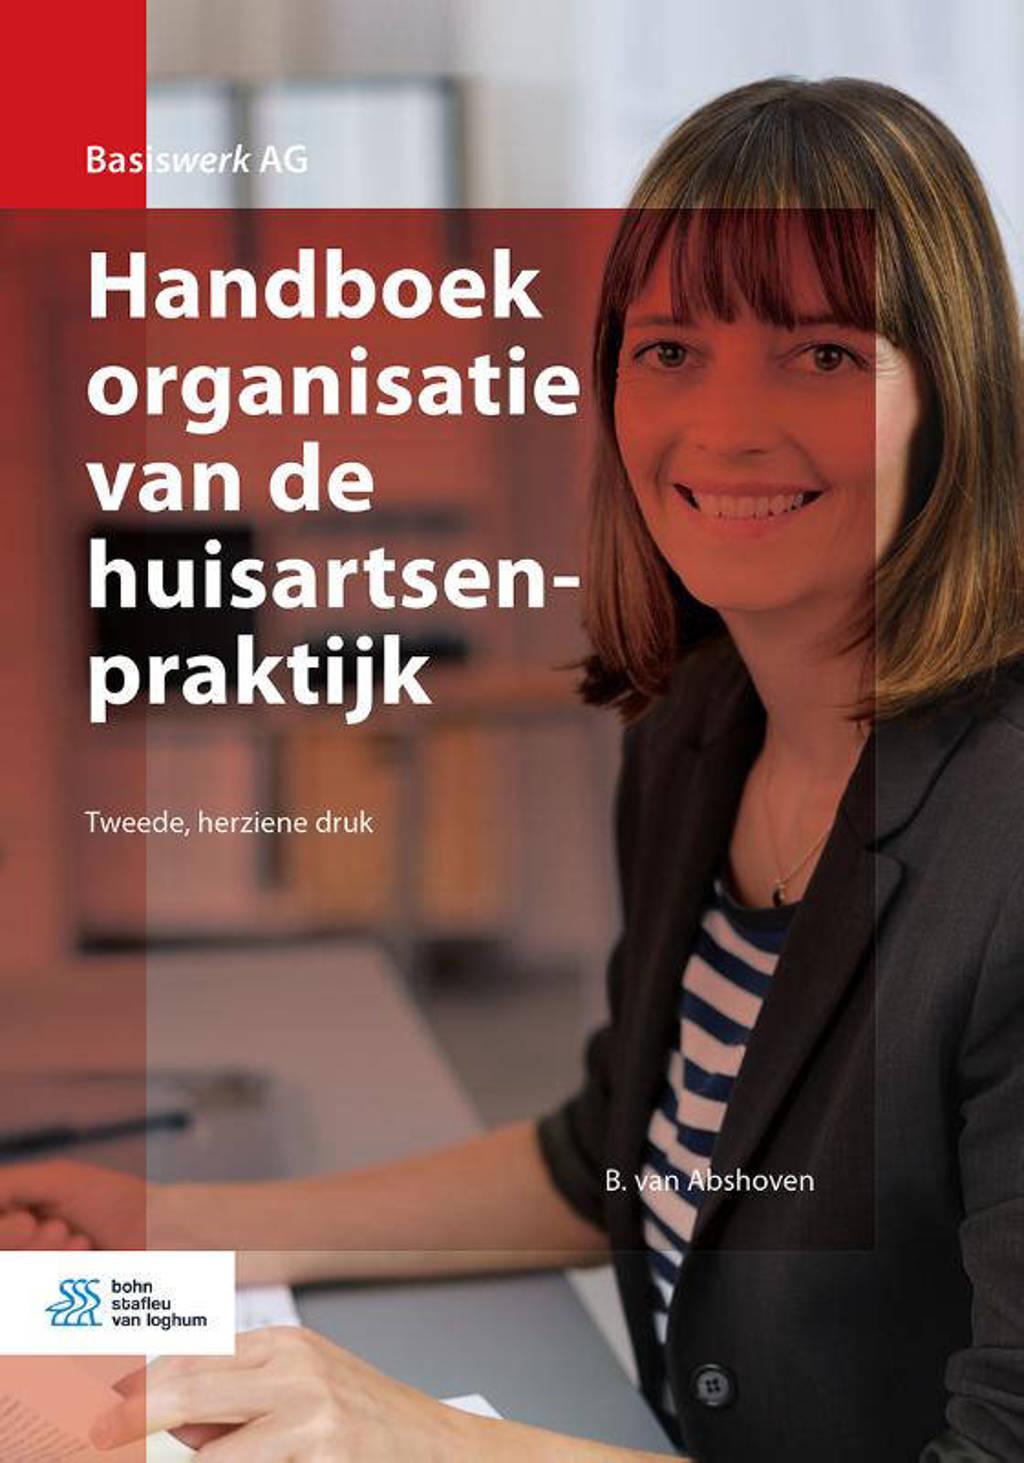 Basiswerk AG: Handboek organisatie van de huisartsenpraktijk - B. van Abshoven